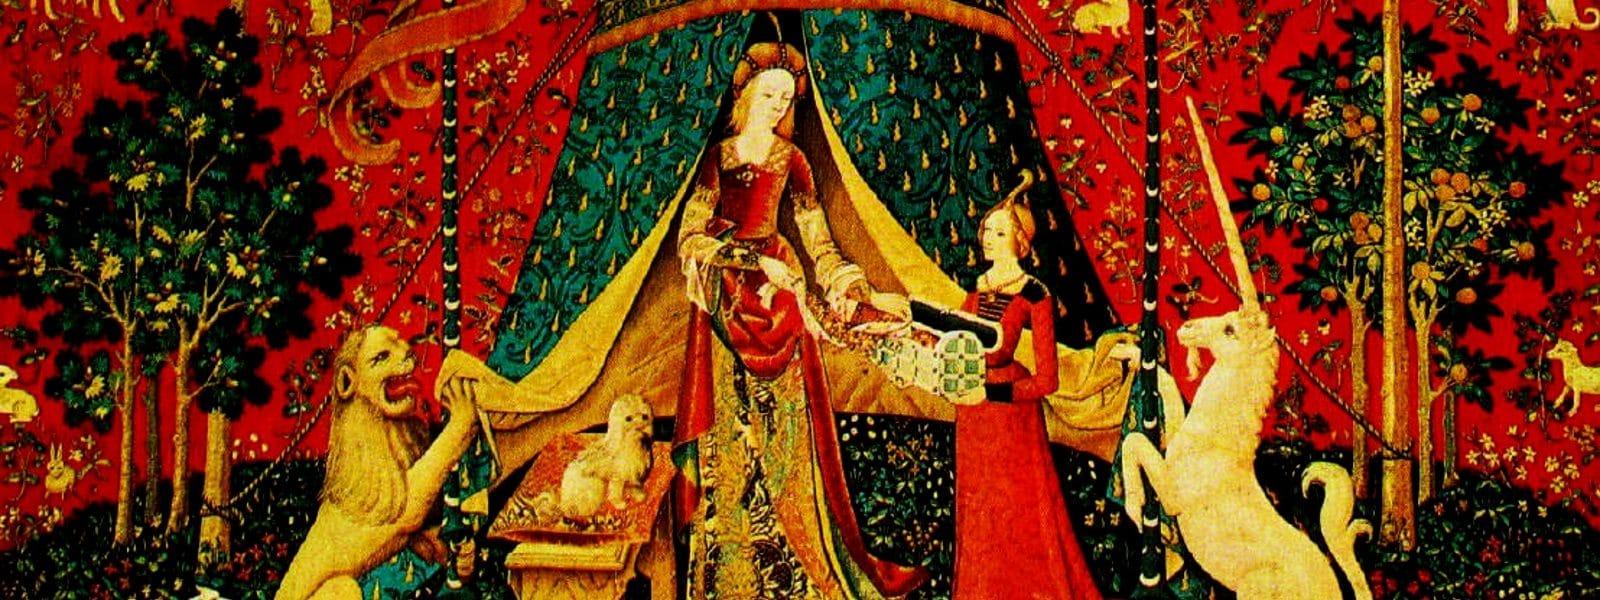 Tapisserie La dame à la licorne